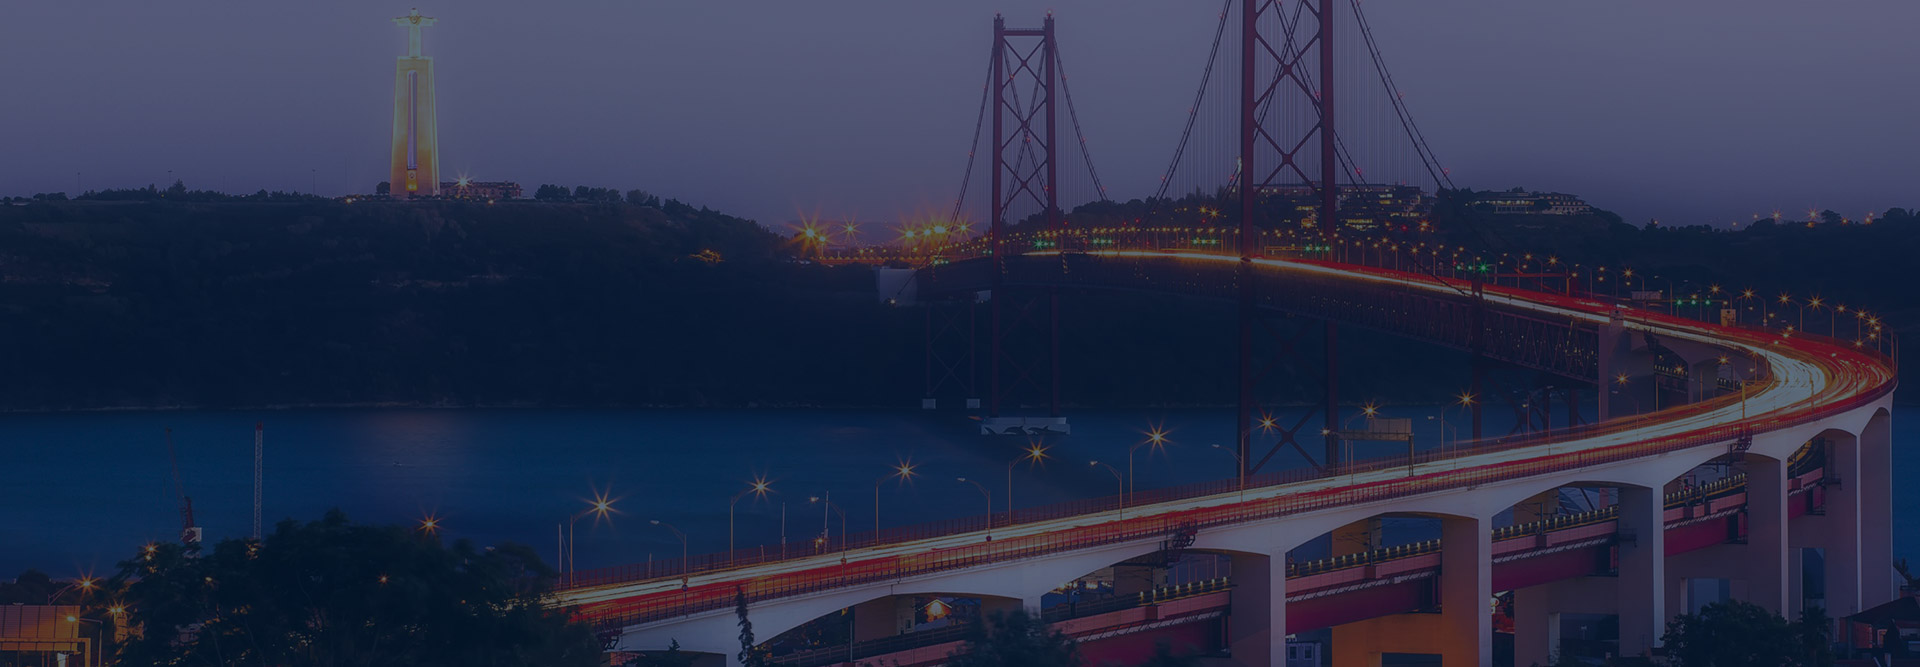 Nuove tecnologie per smart cities e smart roads di oggi e di domani